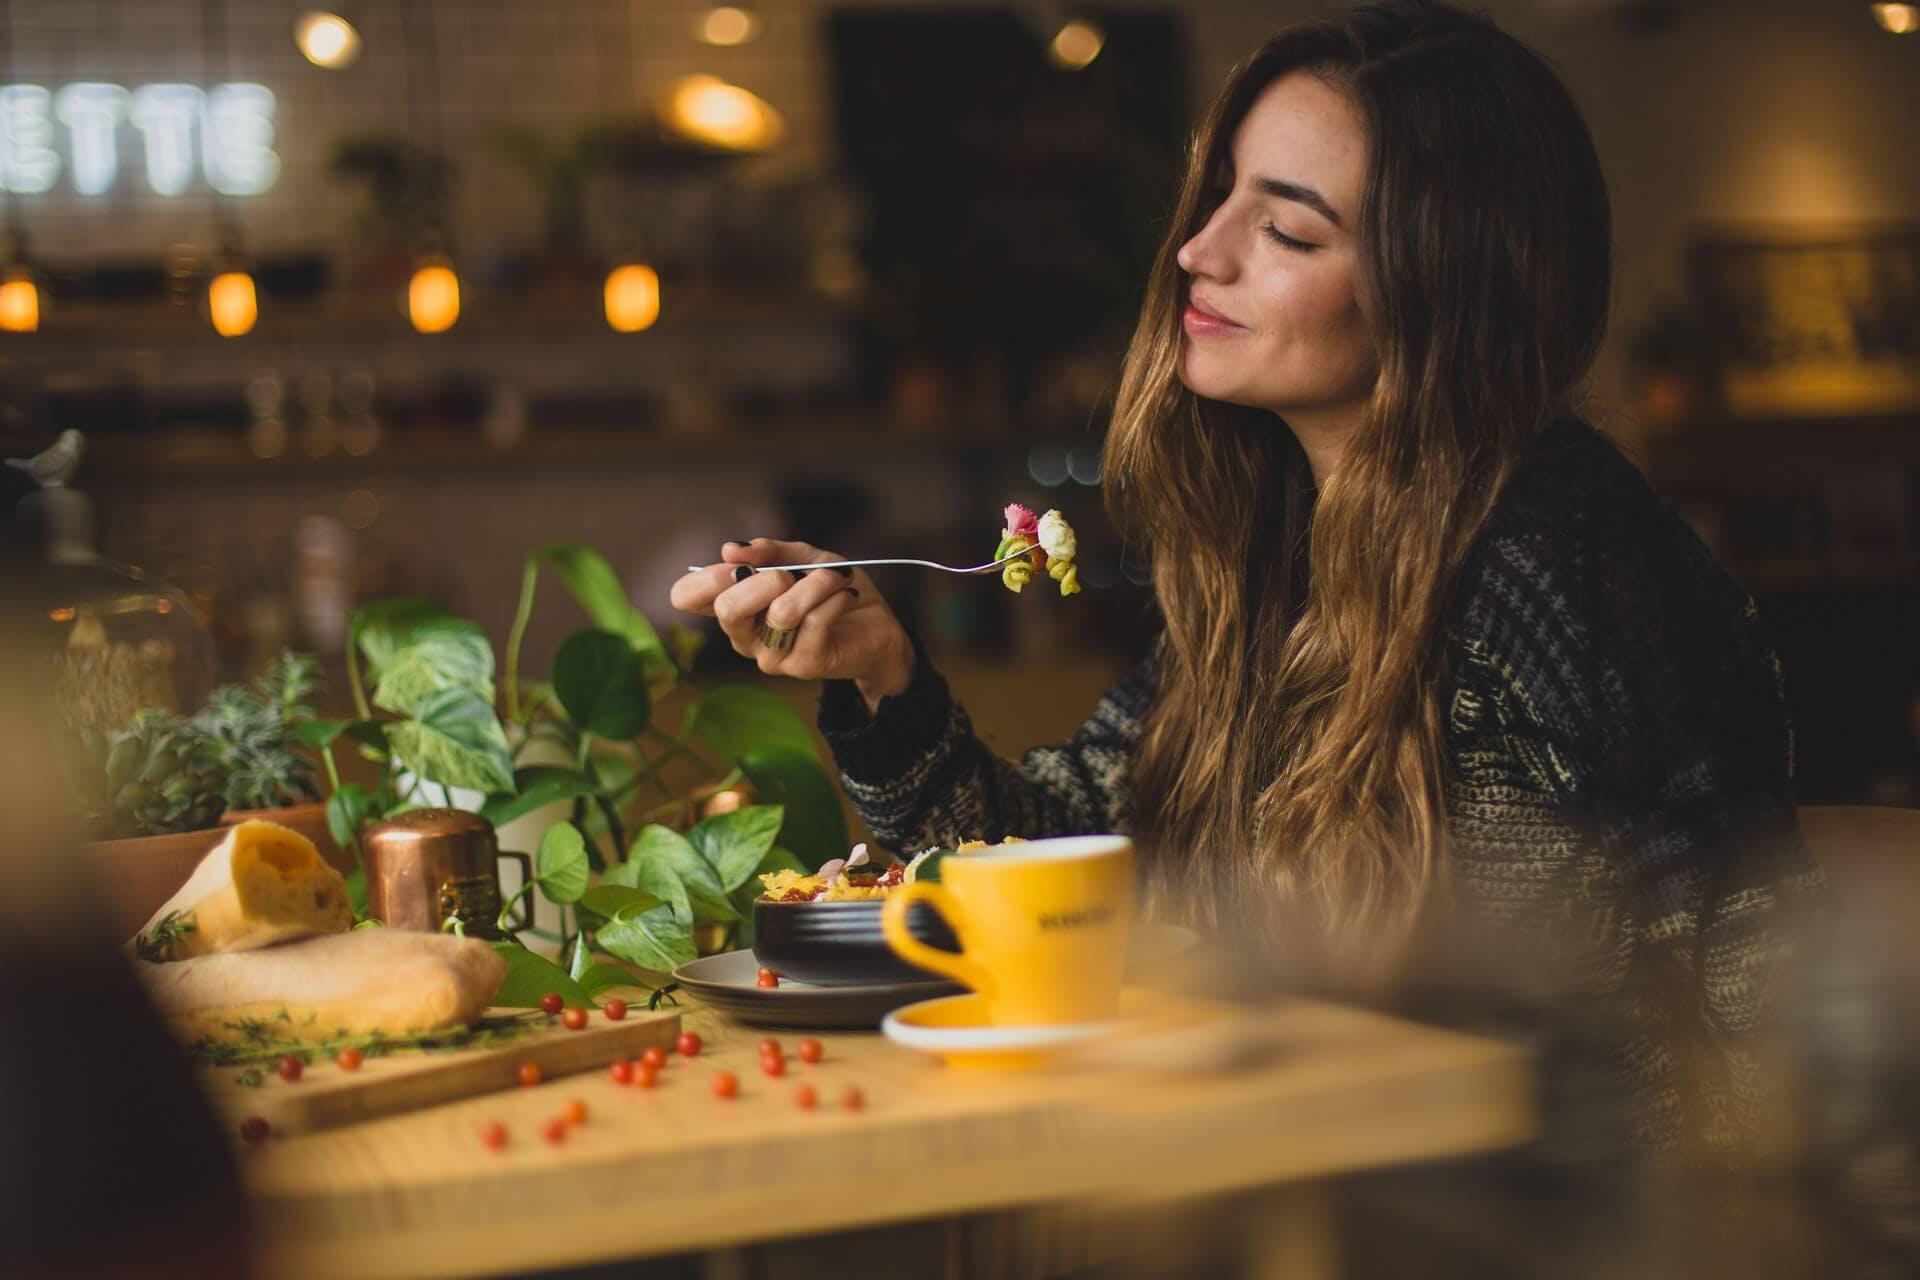 mulher comendo em um restaurante